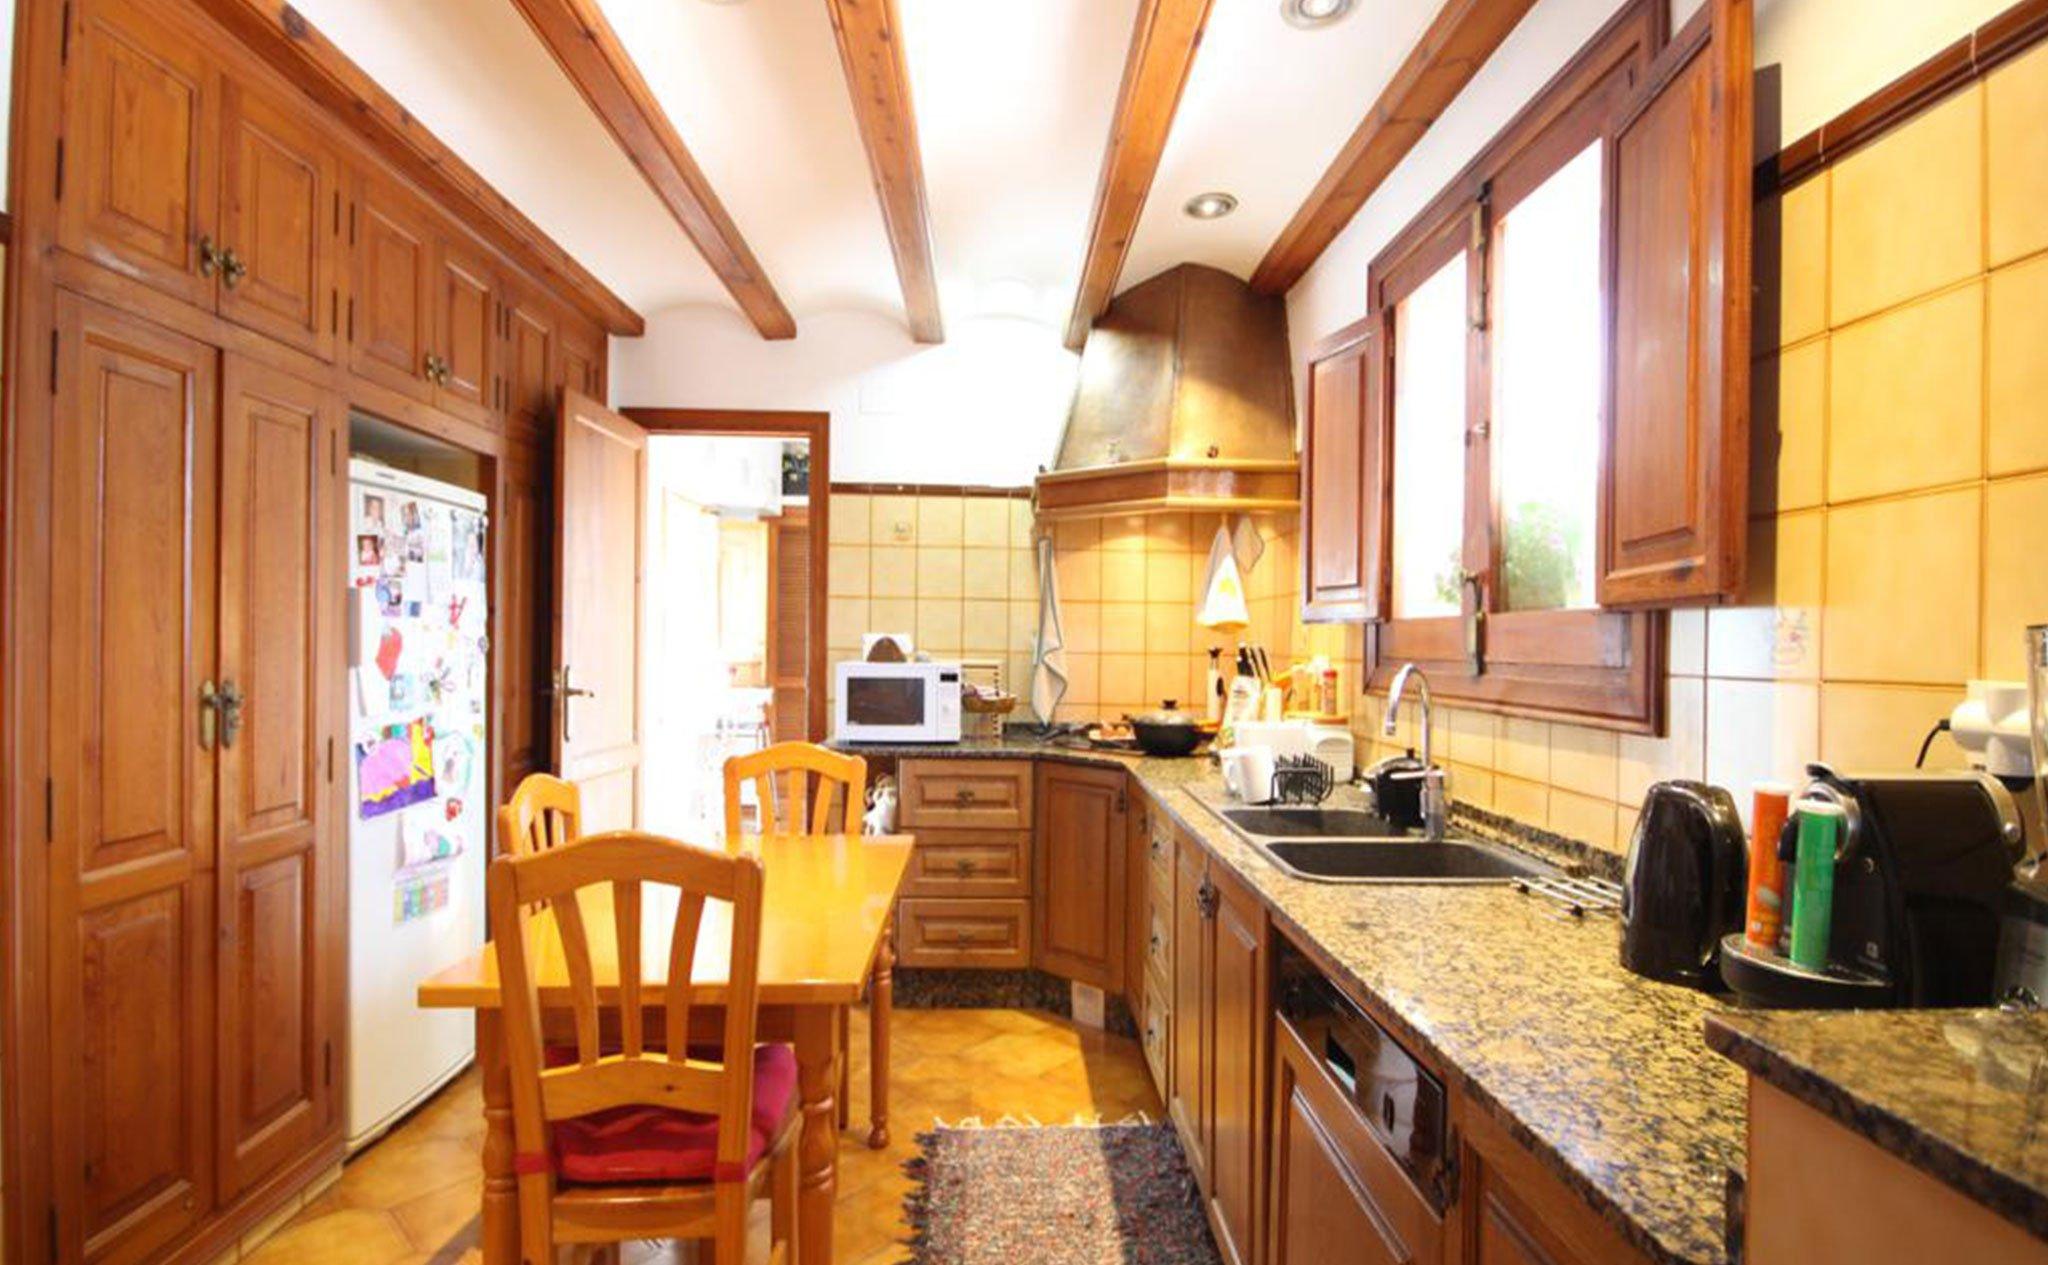 Cocina de una casa mediterránea con apartamento de invitados en Jávea – Atina Inmobiliaria